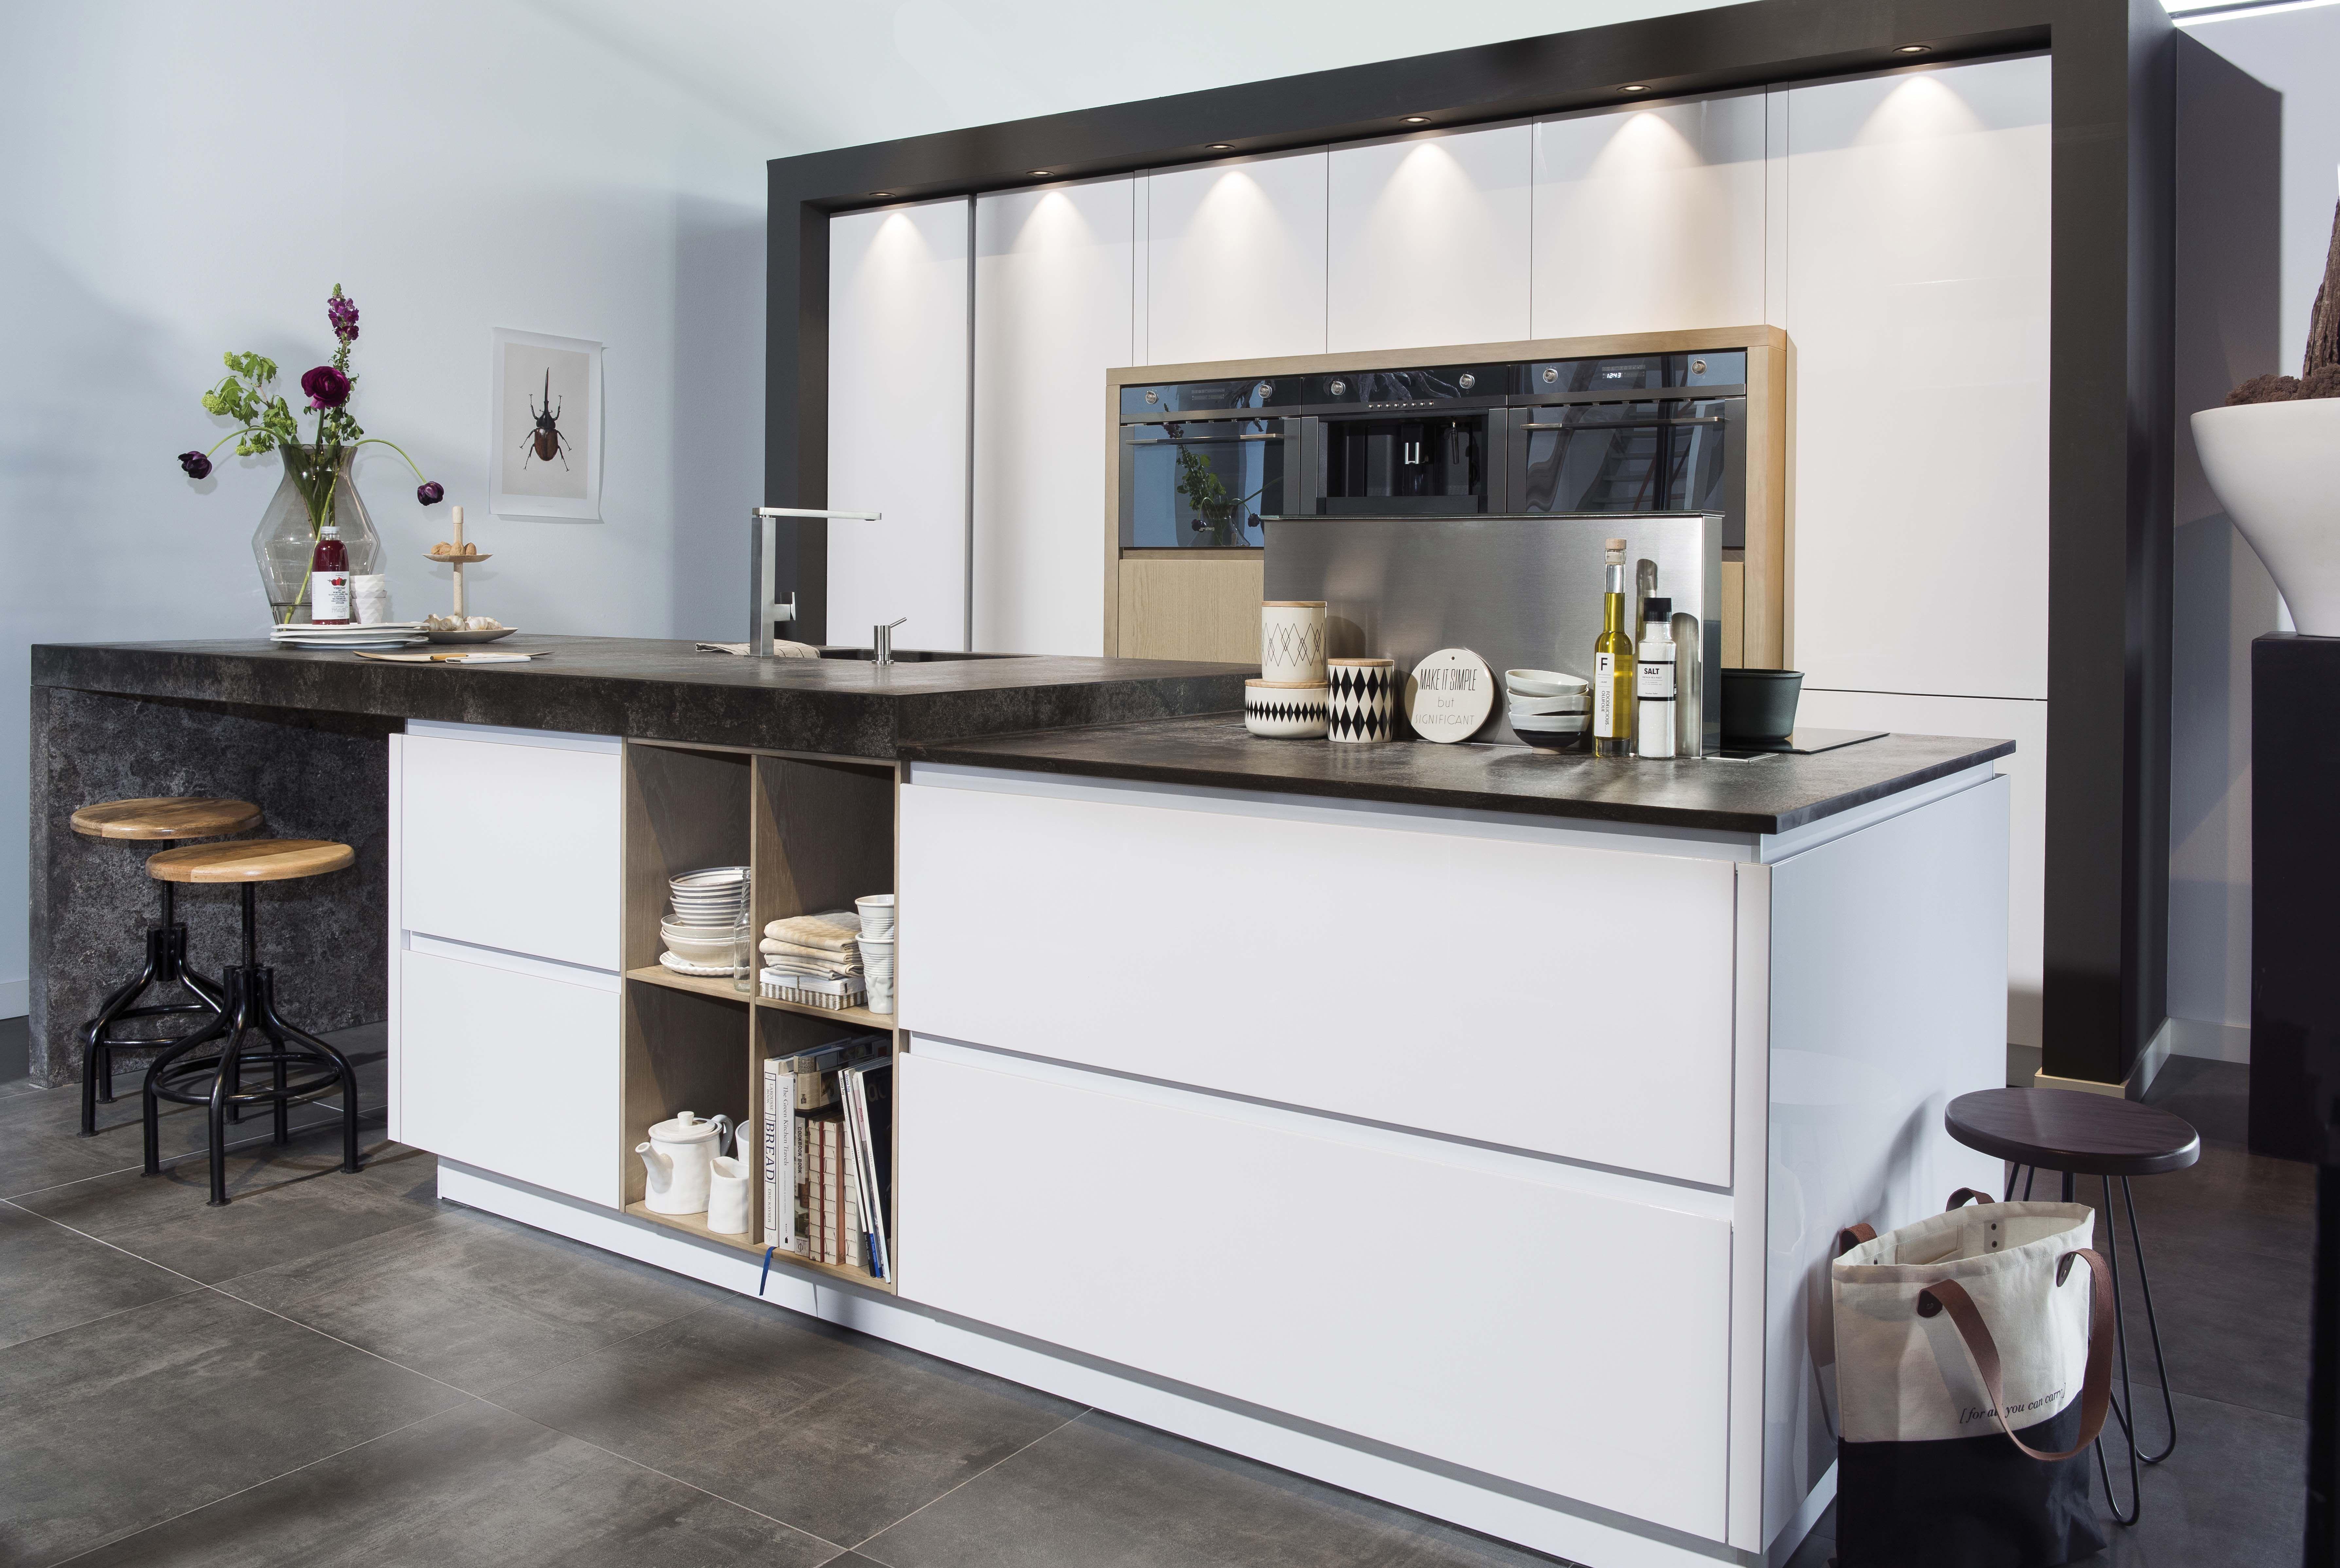 Extra Werkblad Keuken : ≥ keuken met extra nieuwe werkblad incl apparatuur keuken